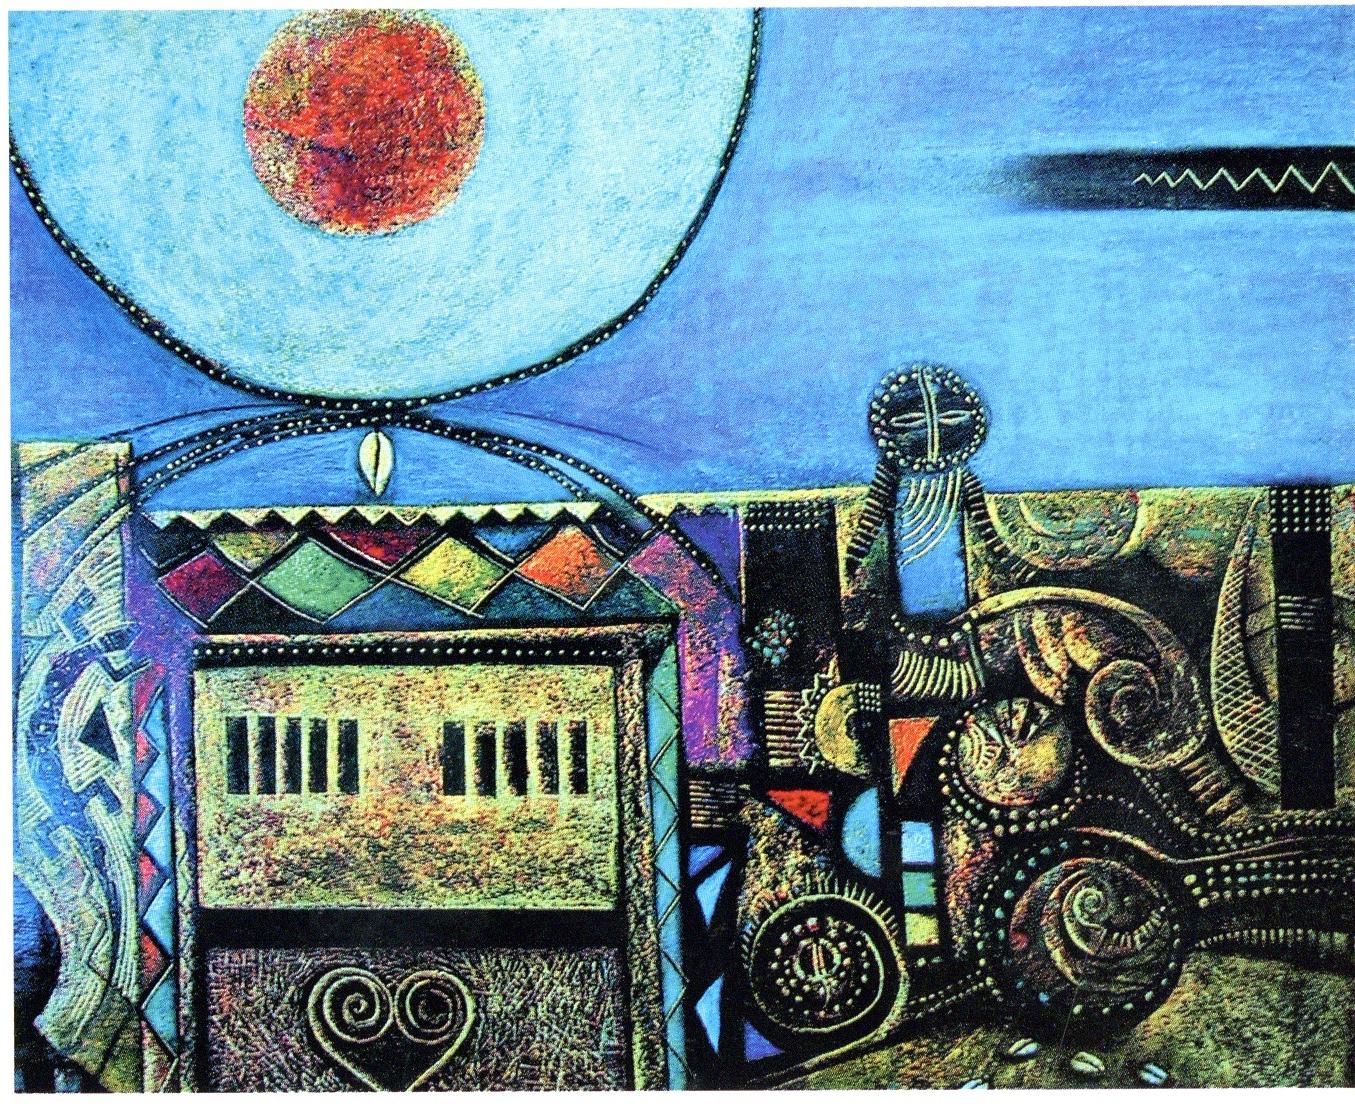 <em>The Shrine</em>, Oil pastel, 2003